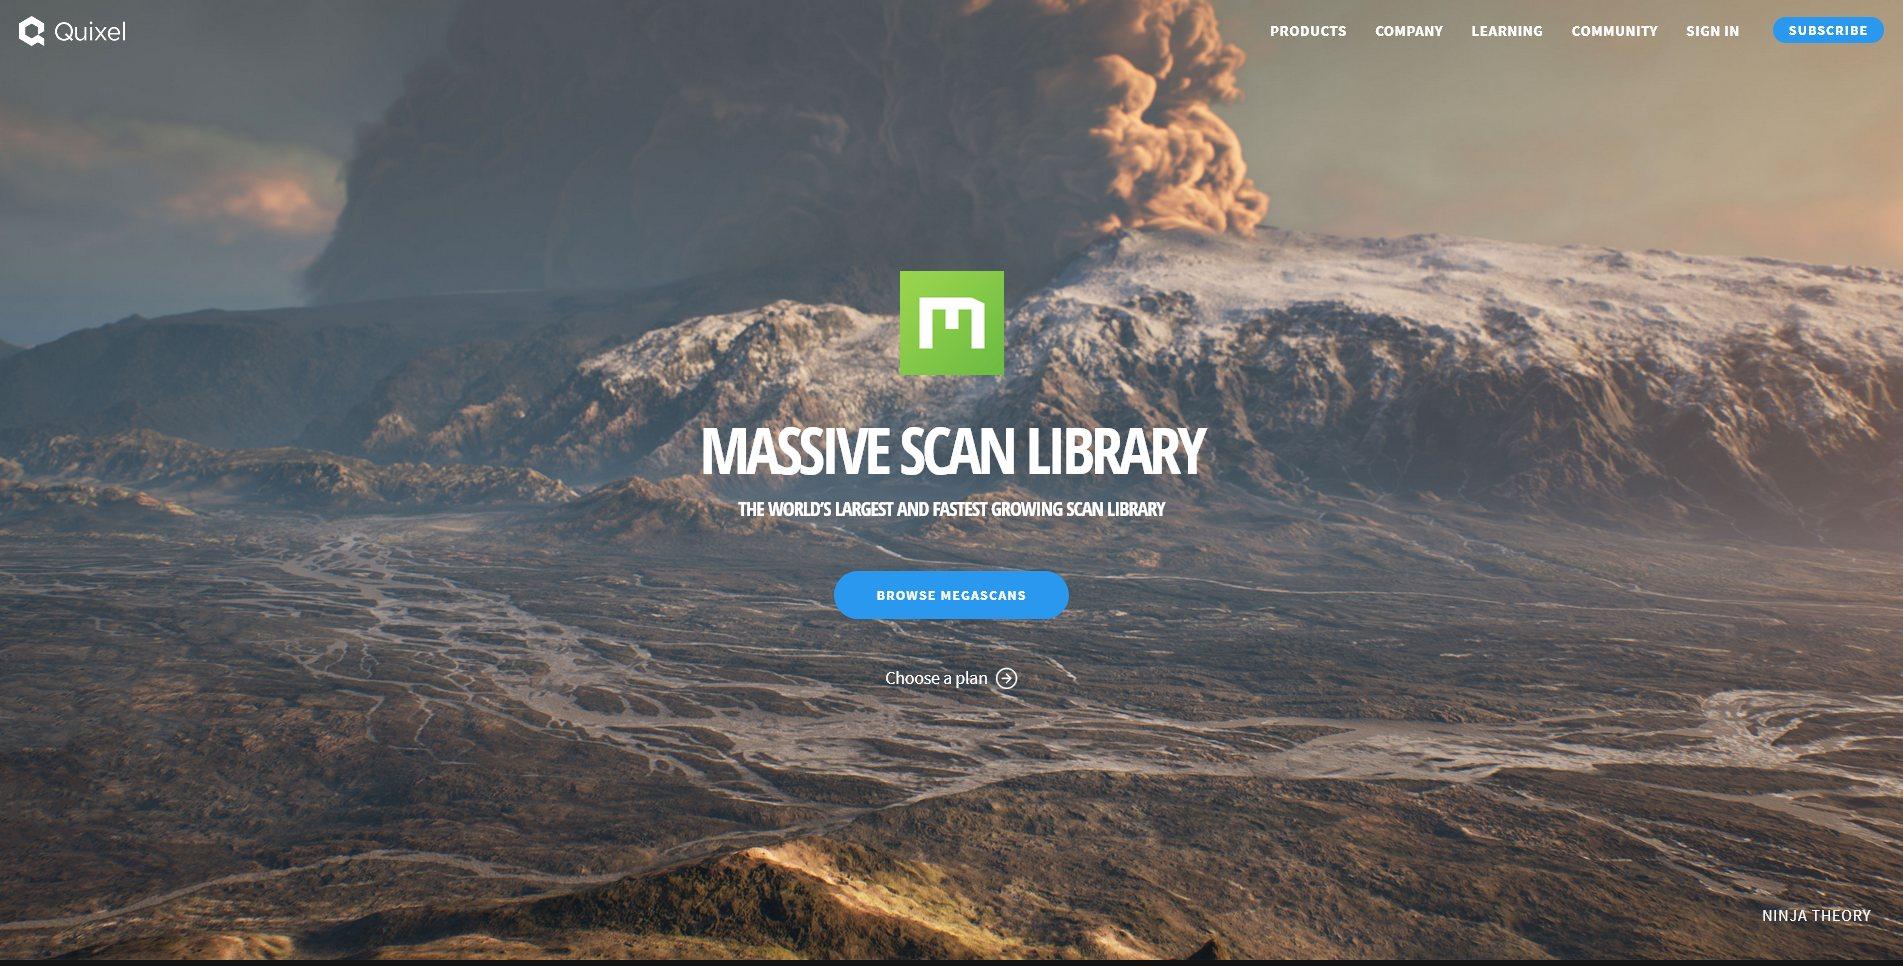 Texture Site Quixel Megascans